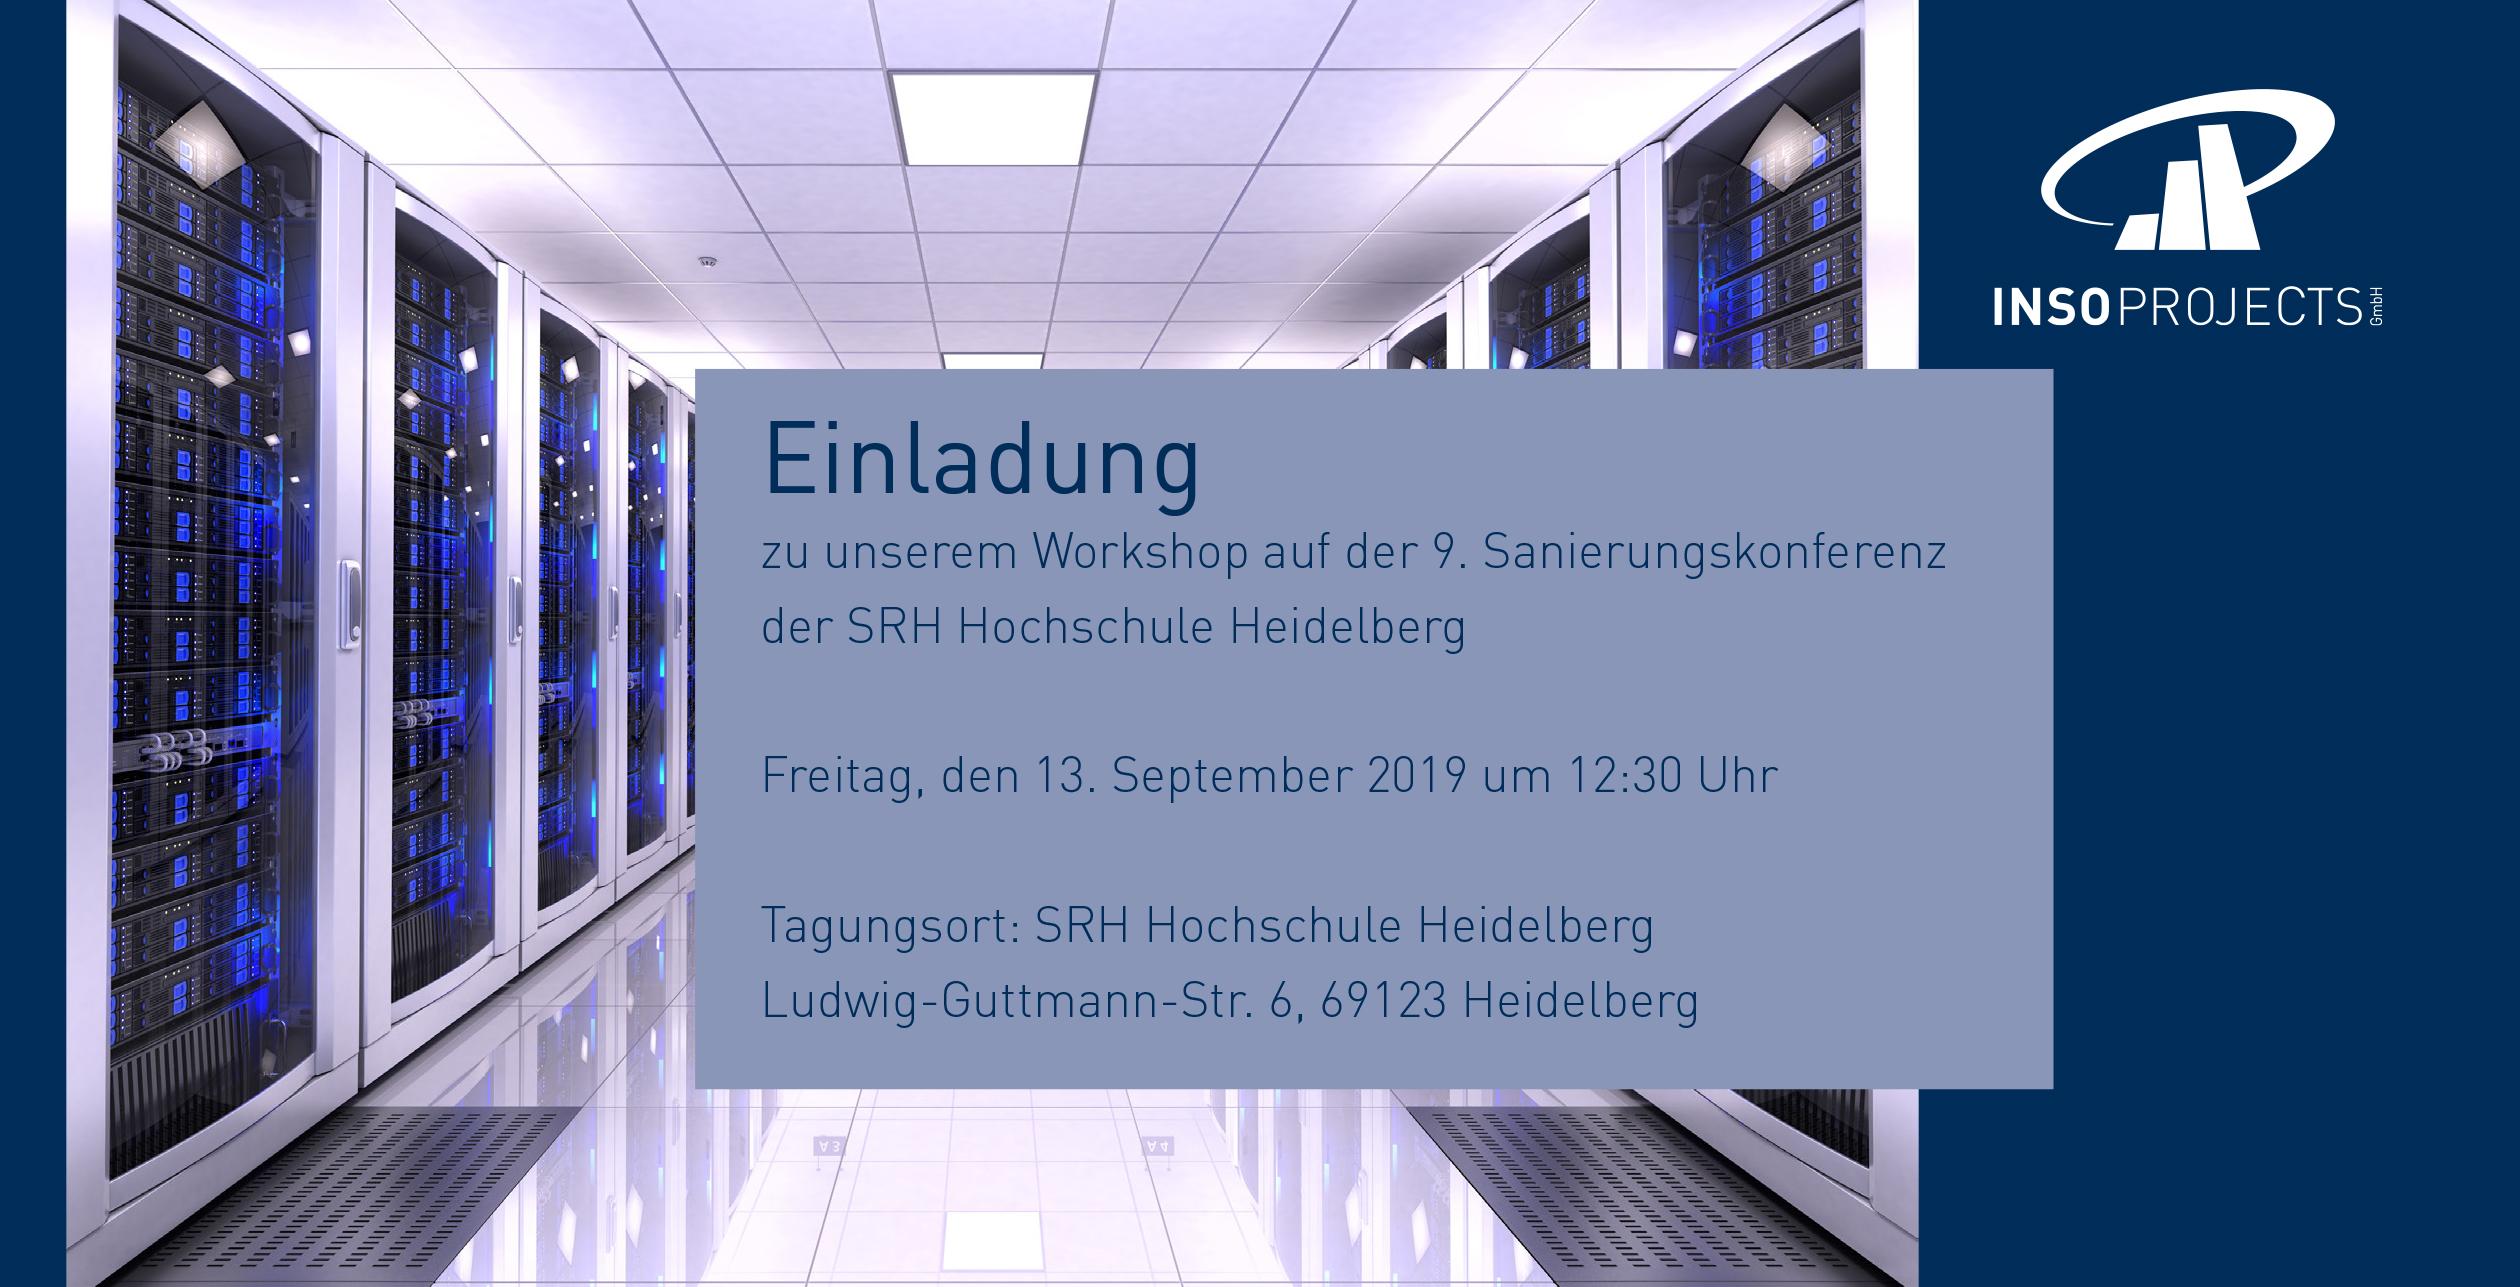 Einladung zum Workshop von Inso Projects